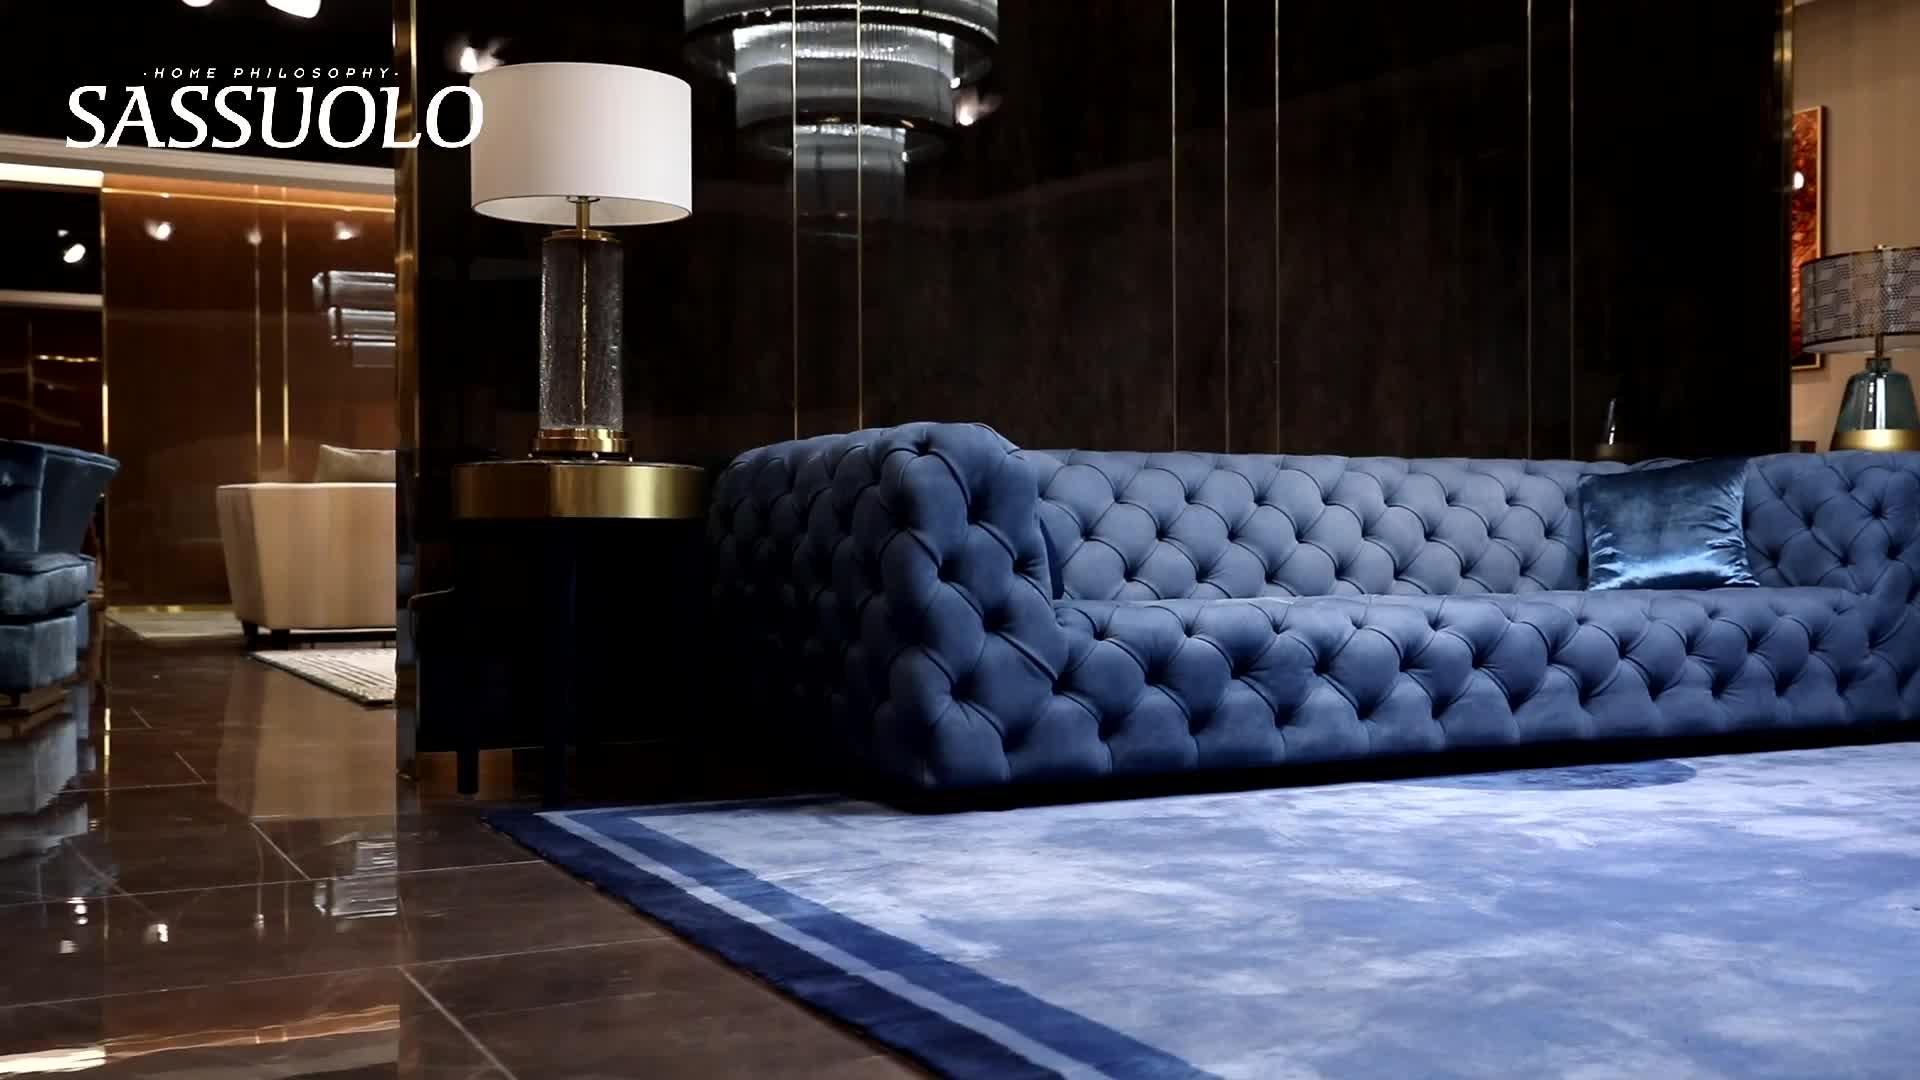 Sassuolothe Neueste Design Von Luxus Post-moderne ...